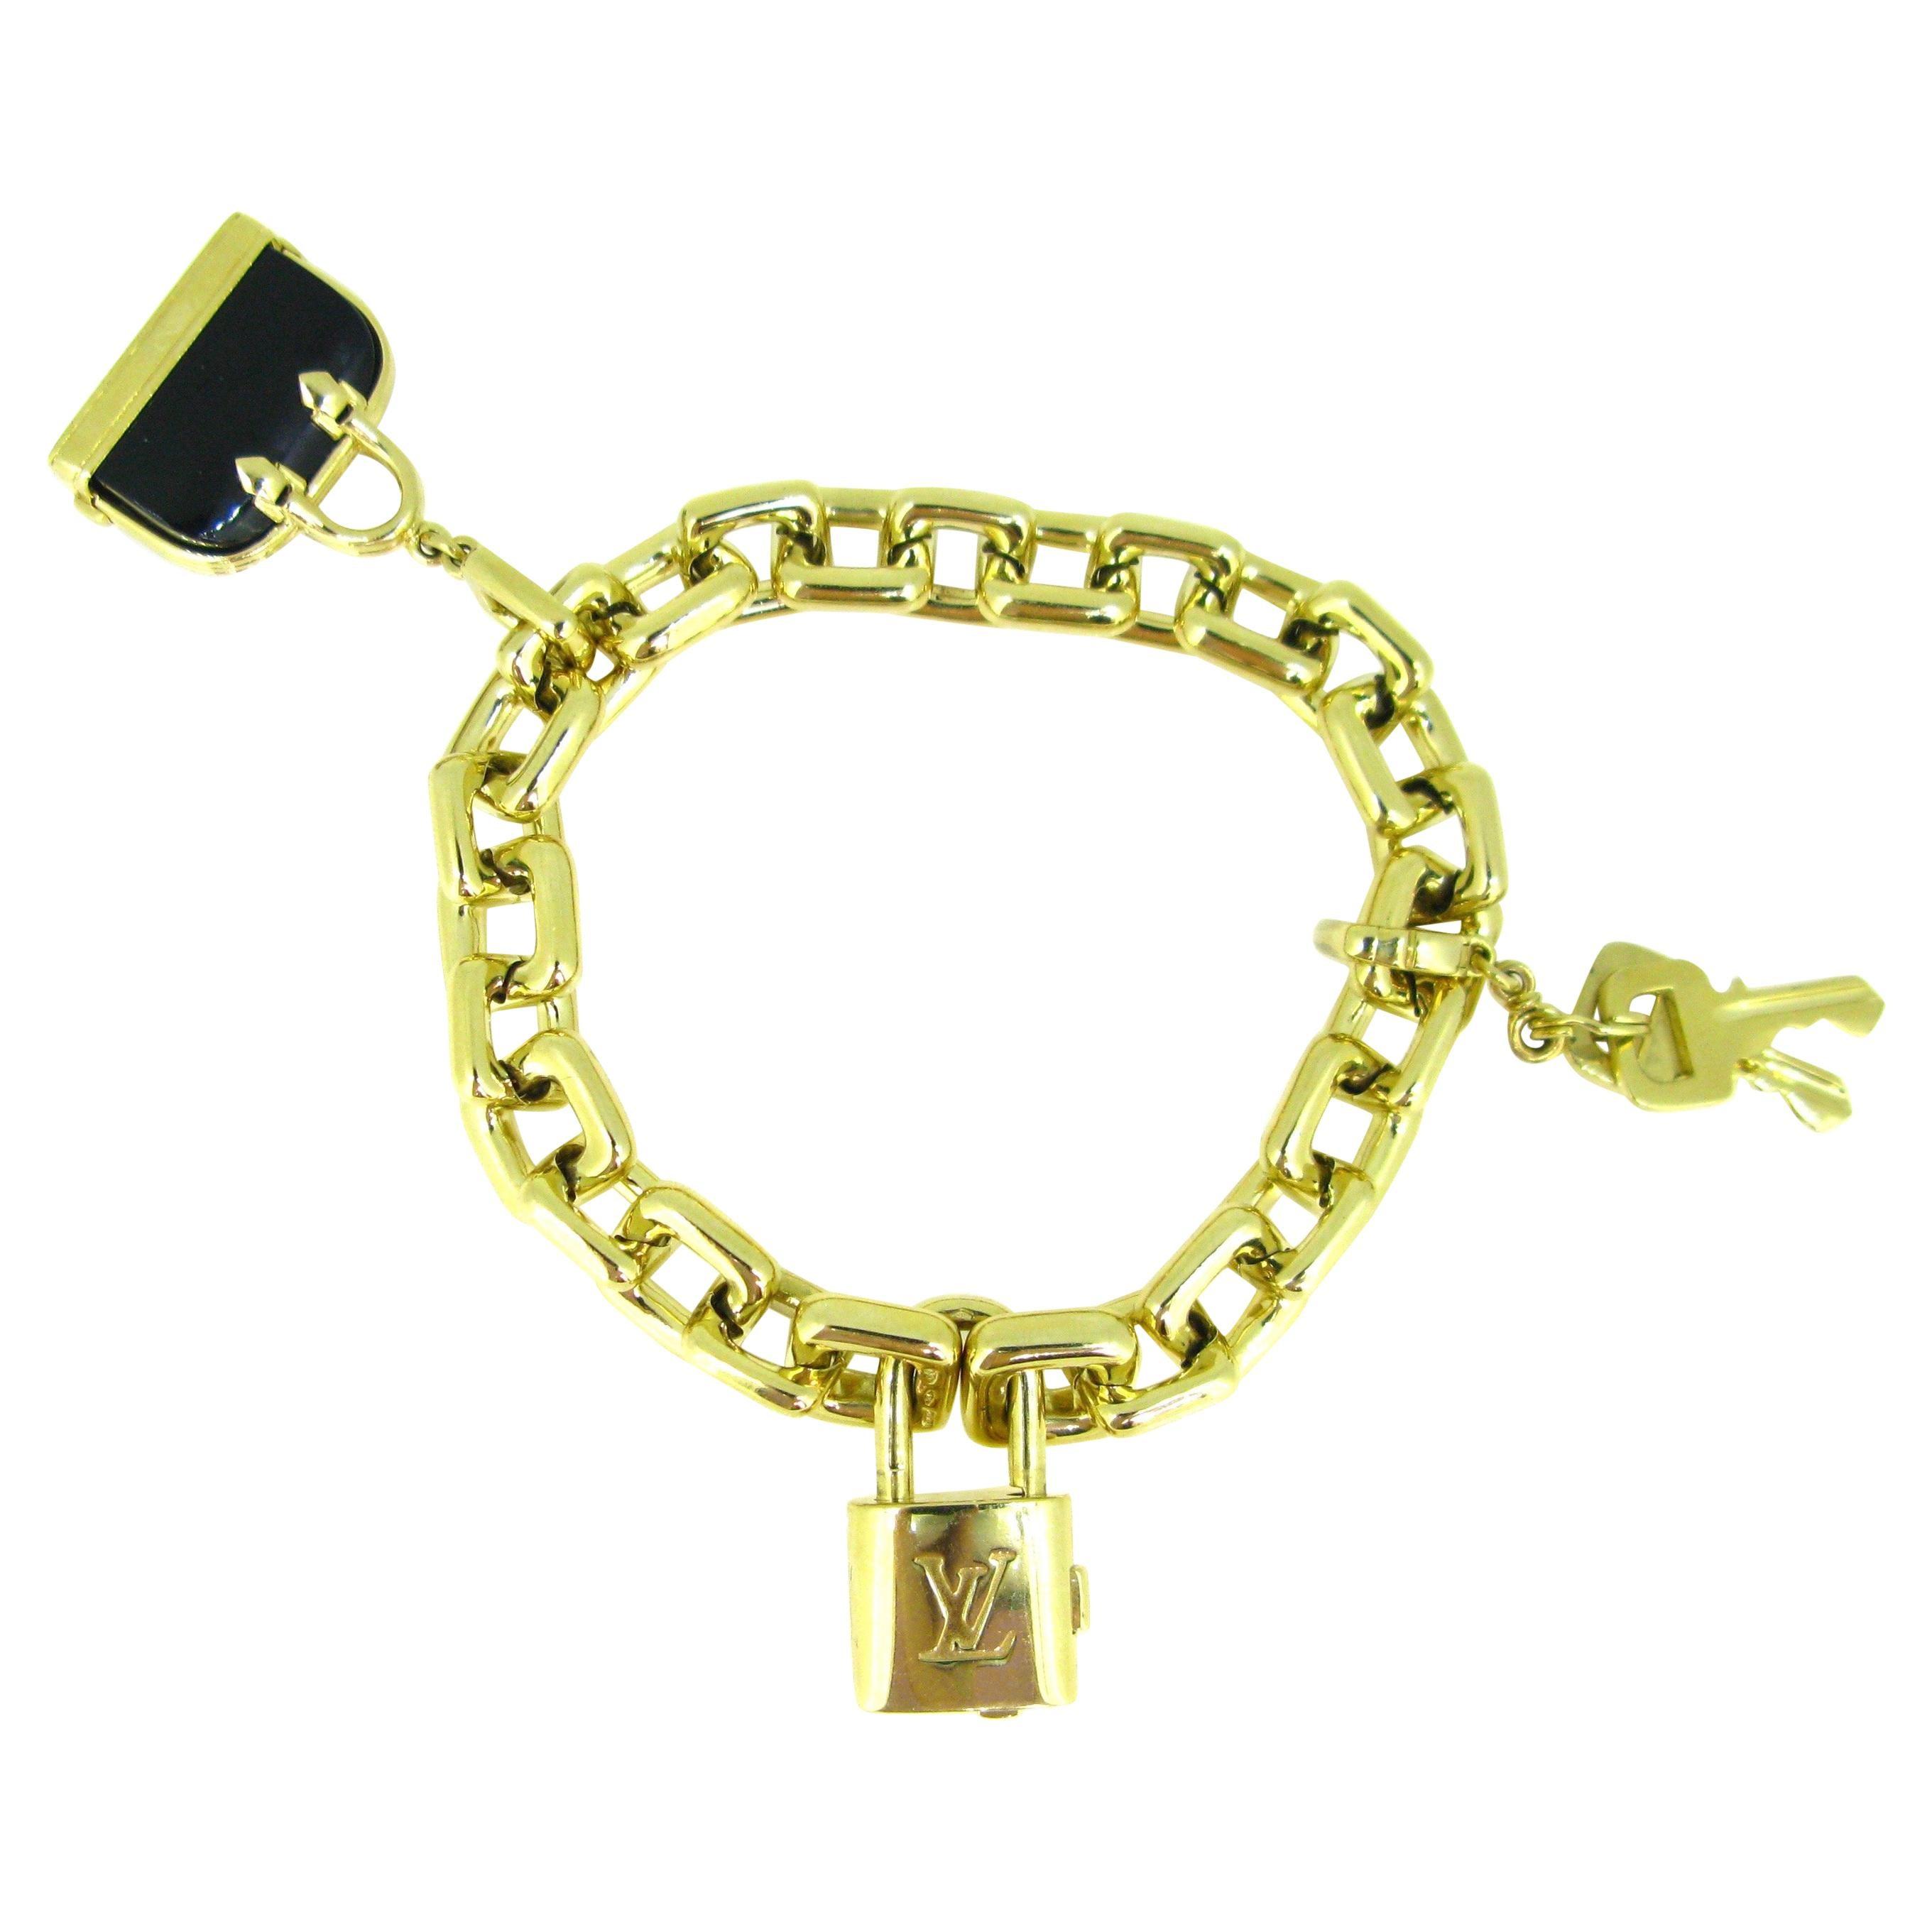 Louis Vuitton Padlock Key Onyx Bag Yellow Gold Charm Link Bracelet